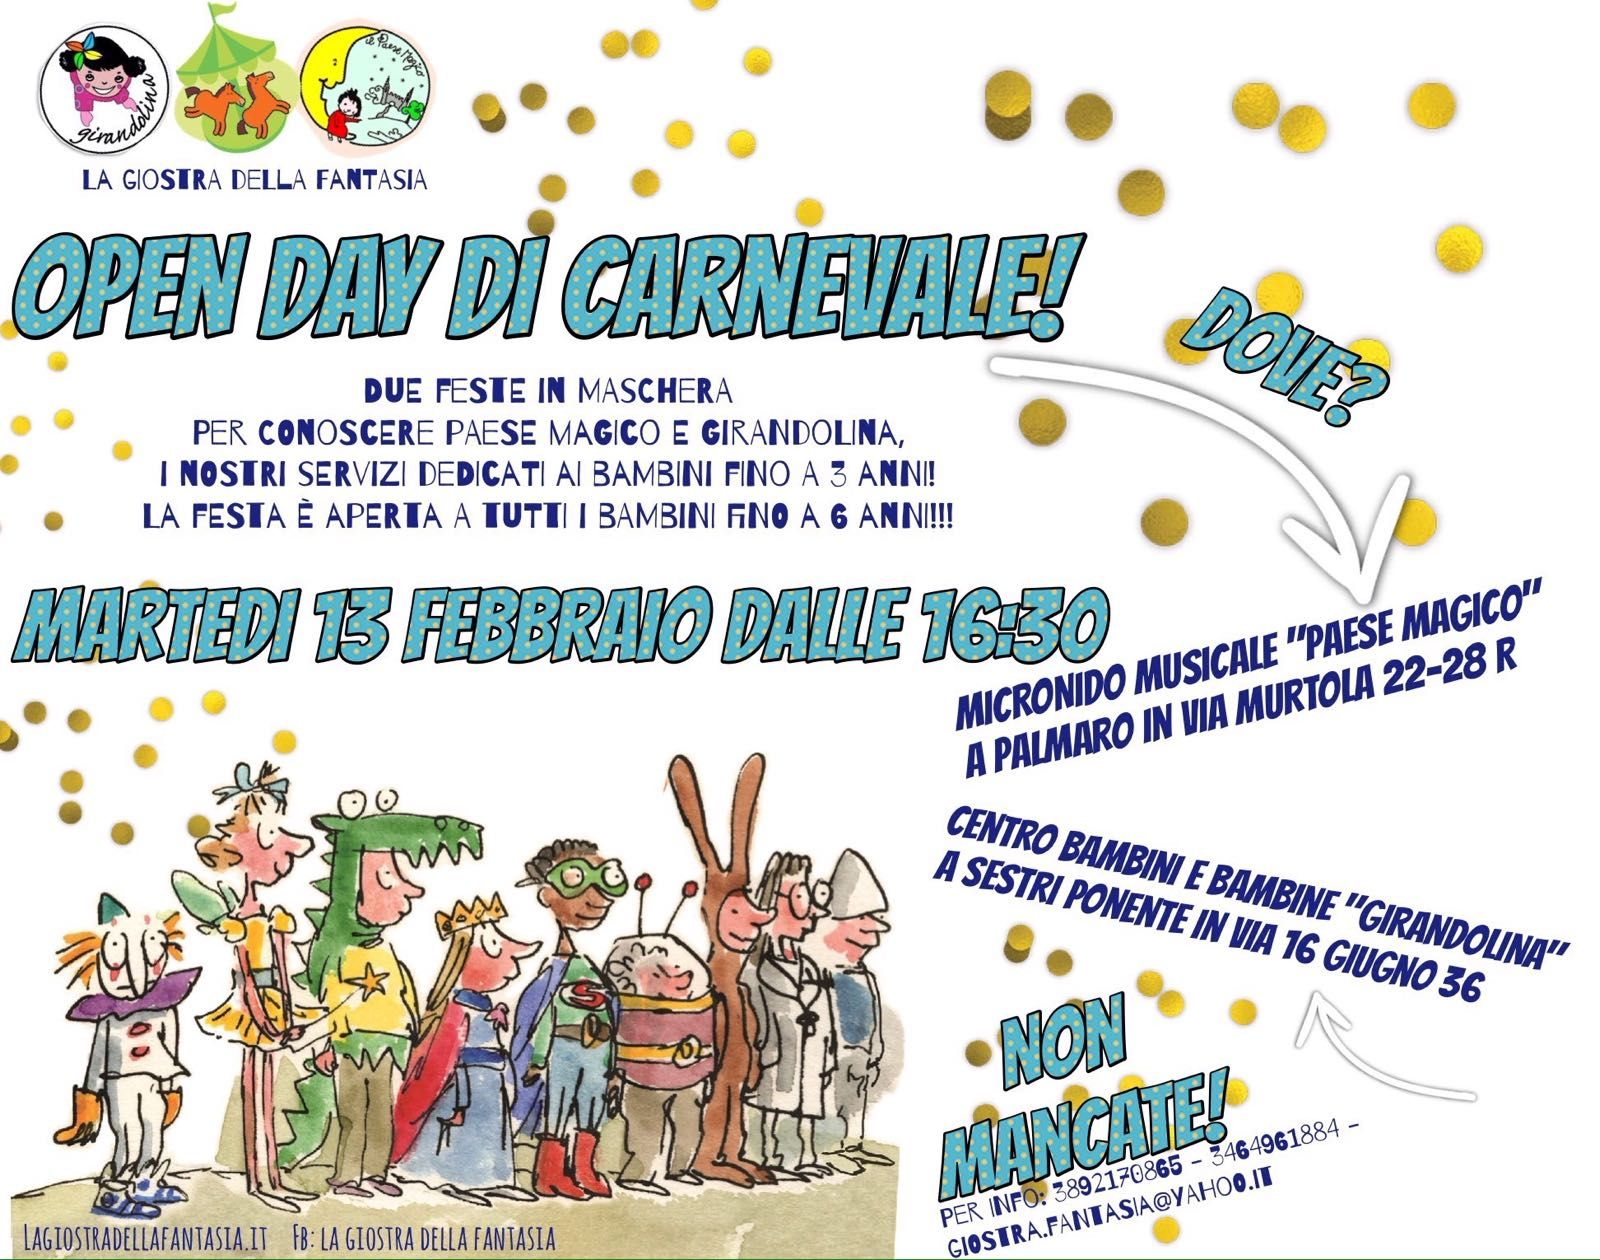 Open day di carnevale